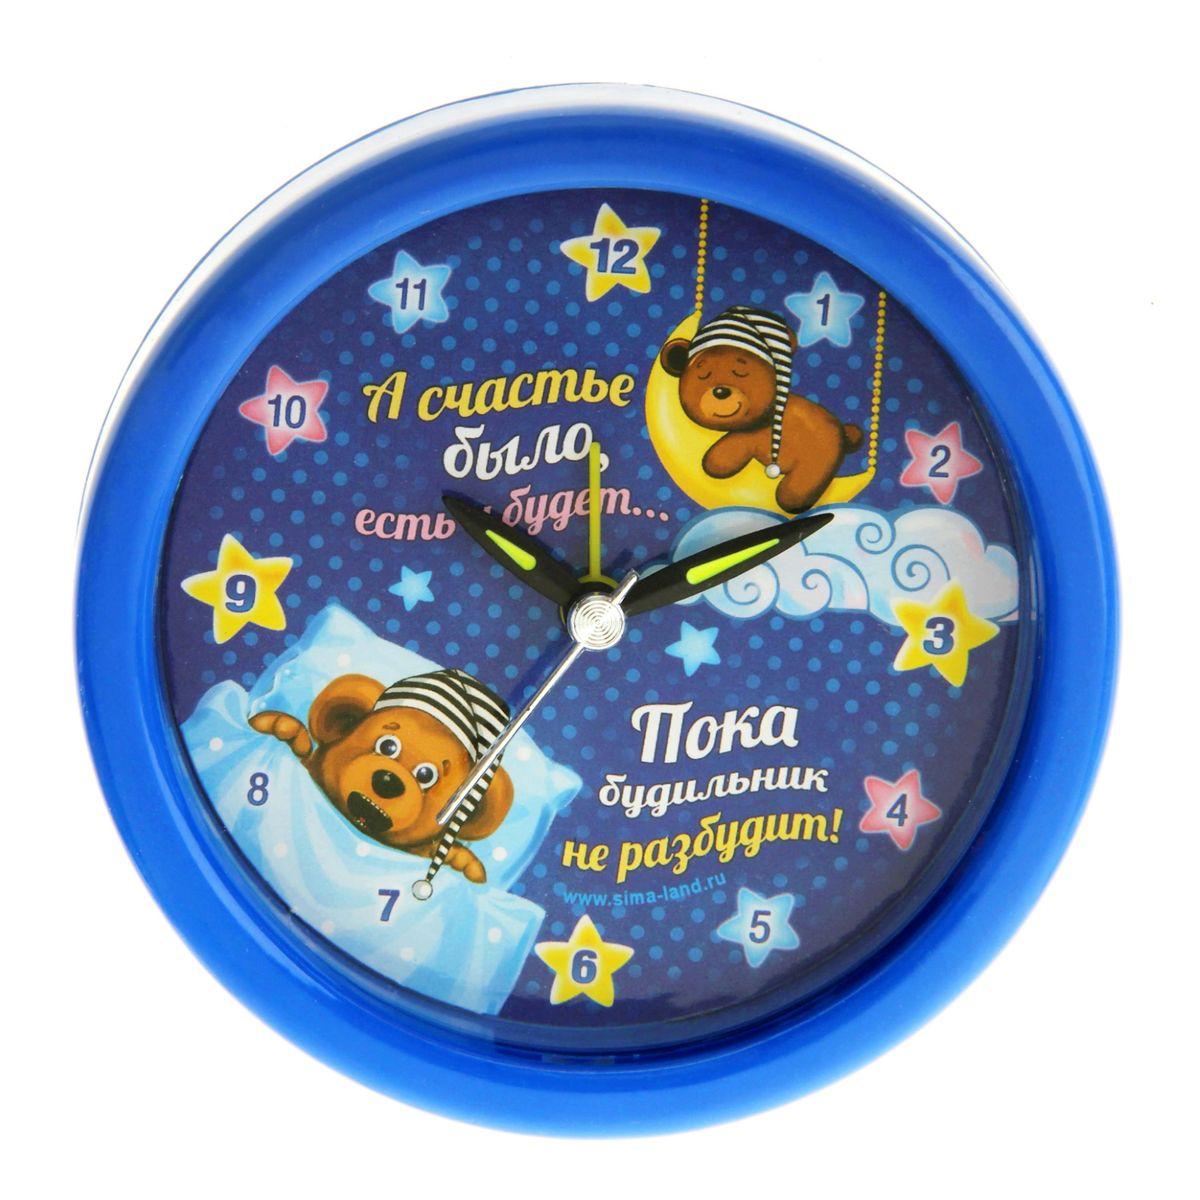 Часы-будильник Sima-land Счастье есть и будетVT-3523(ВК)Как же сложно иногда вставать вовремя! Всегда так хочется поспать еще хотя бы 5 минут и бывает, что мы просыпаем. Теперь этого не случится! Яркий, оригинальный будильник Sima-land Счастье есть и будет поможет вам всегда вставать в нужное время и успевать везде и всюду. Будильник украсит вашу комнату и приведет в восхищение друзей. Время показывает точно и будит в установленный час.На задней панели будильника расположены переключатель включения/выключения механизма, а также два колесика для настройки текущего времени и времени звонка будильника. Будильник работает от 1 батарейки типа AA напряжением 1,5V (не входит в комплект).